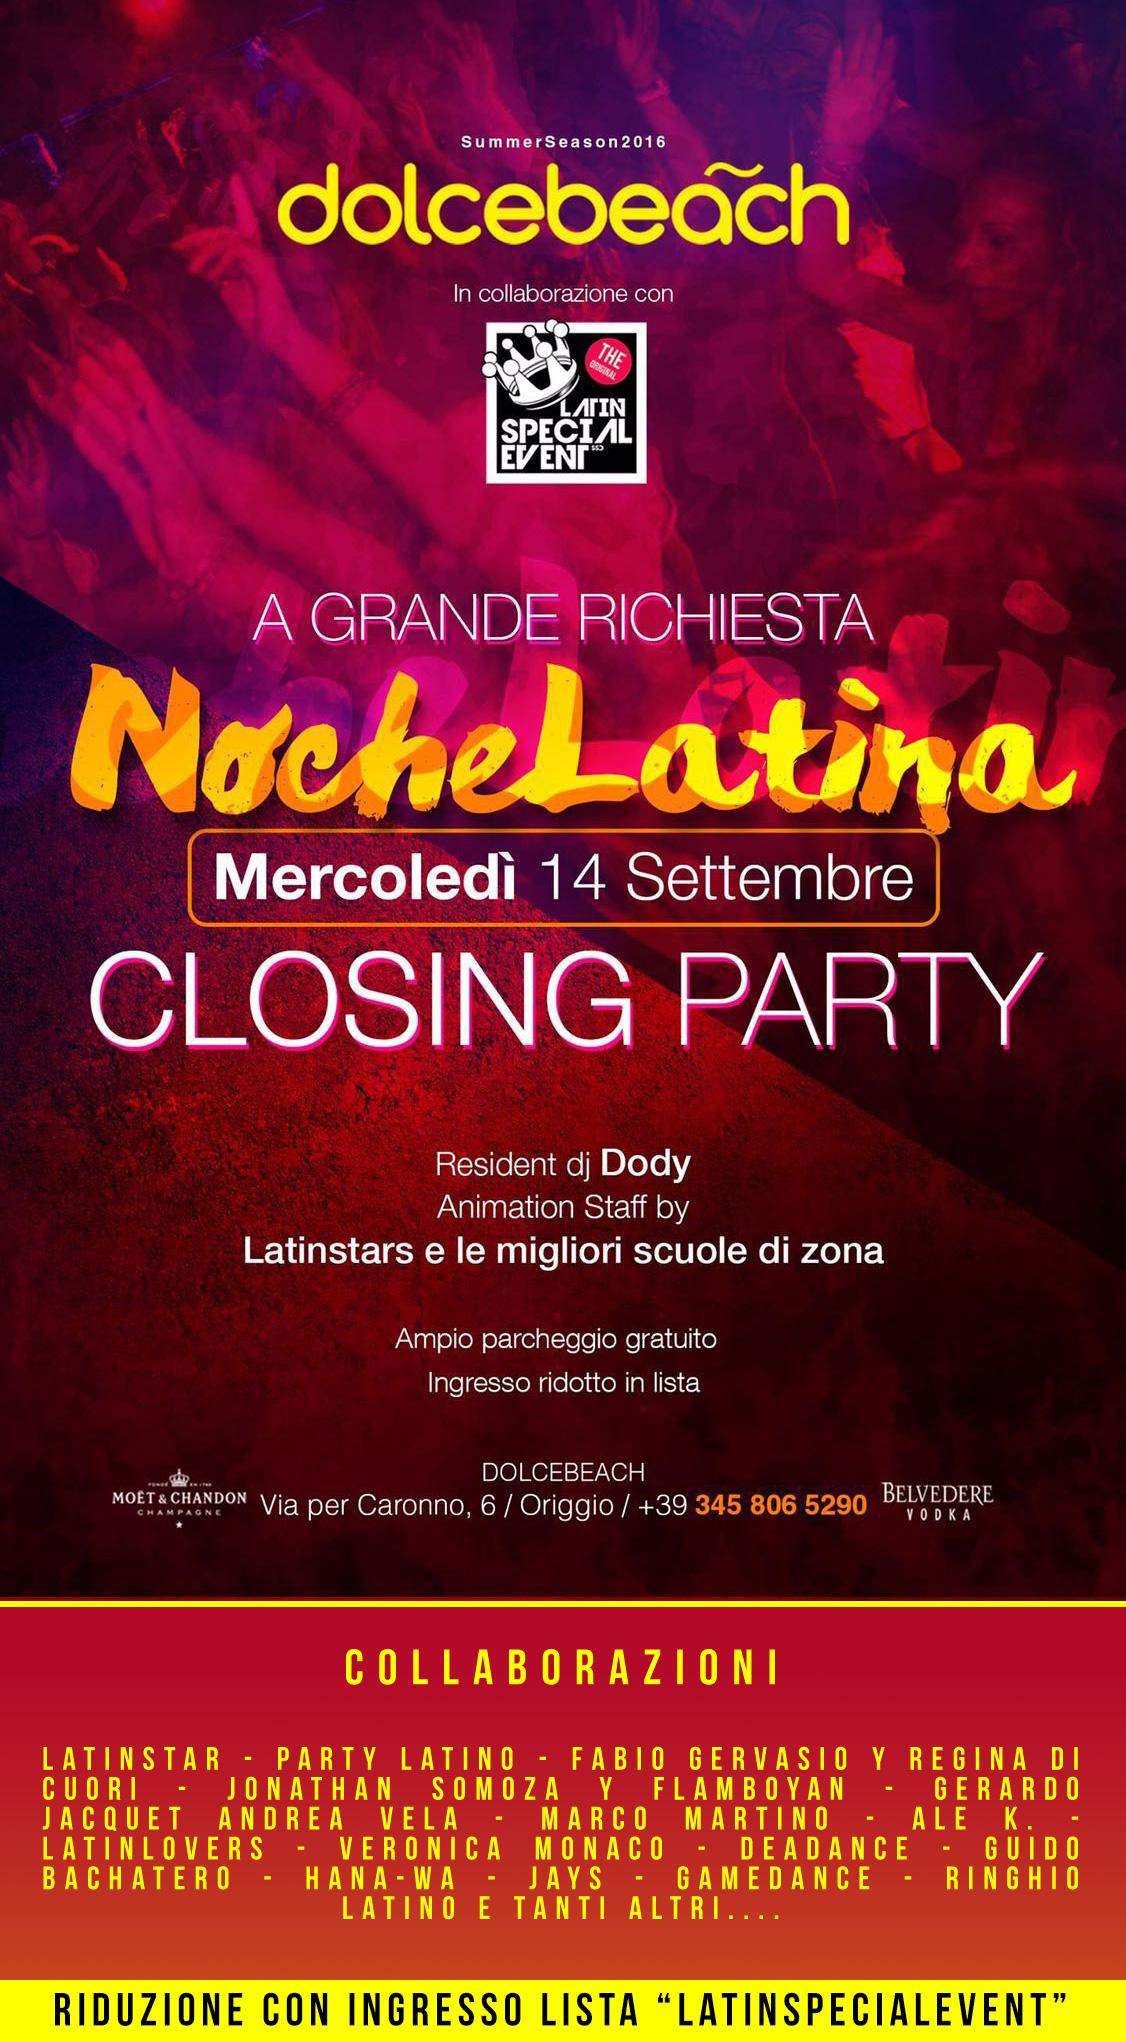 MERCOLEDI 14 SETTEMBRE CLOSING PARTY 'NOCHE LATINA' presso DOLCEBEACH